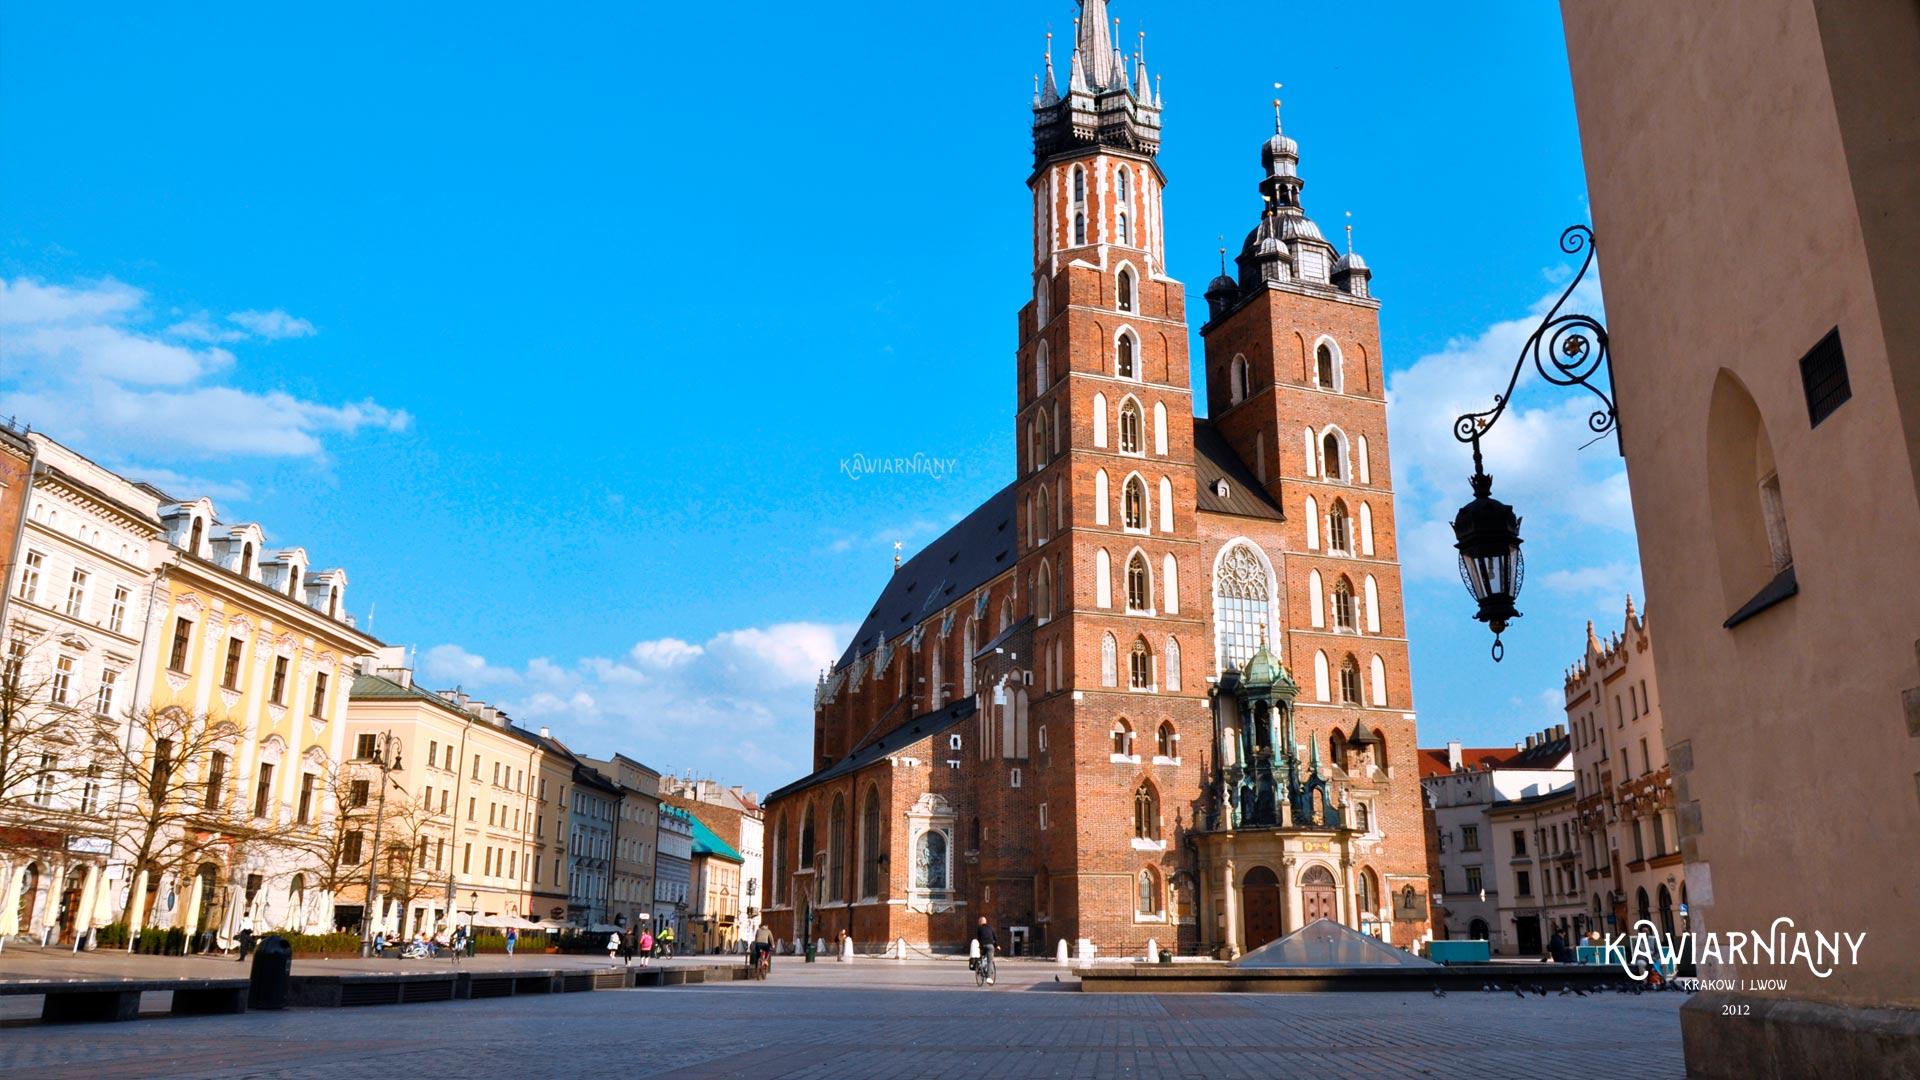 Pusty Kraków chowa się przed koronawirusem. Zobacz miasto widmo (GALERIA)